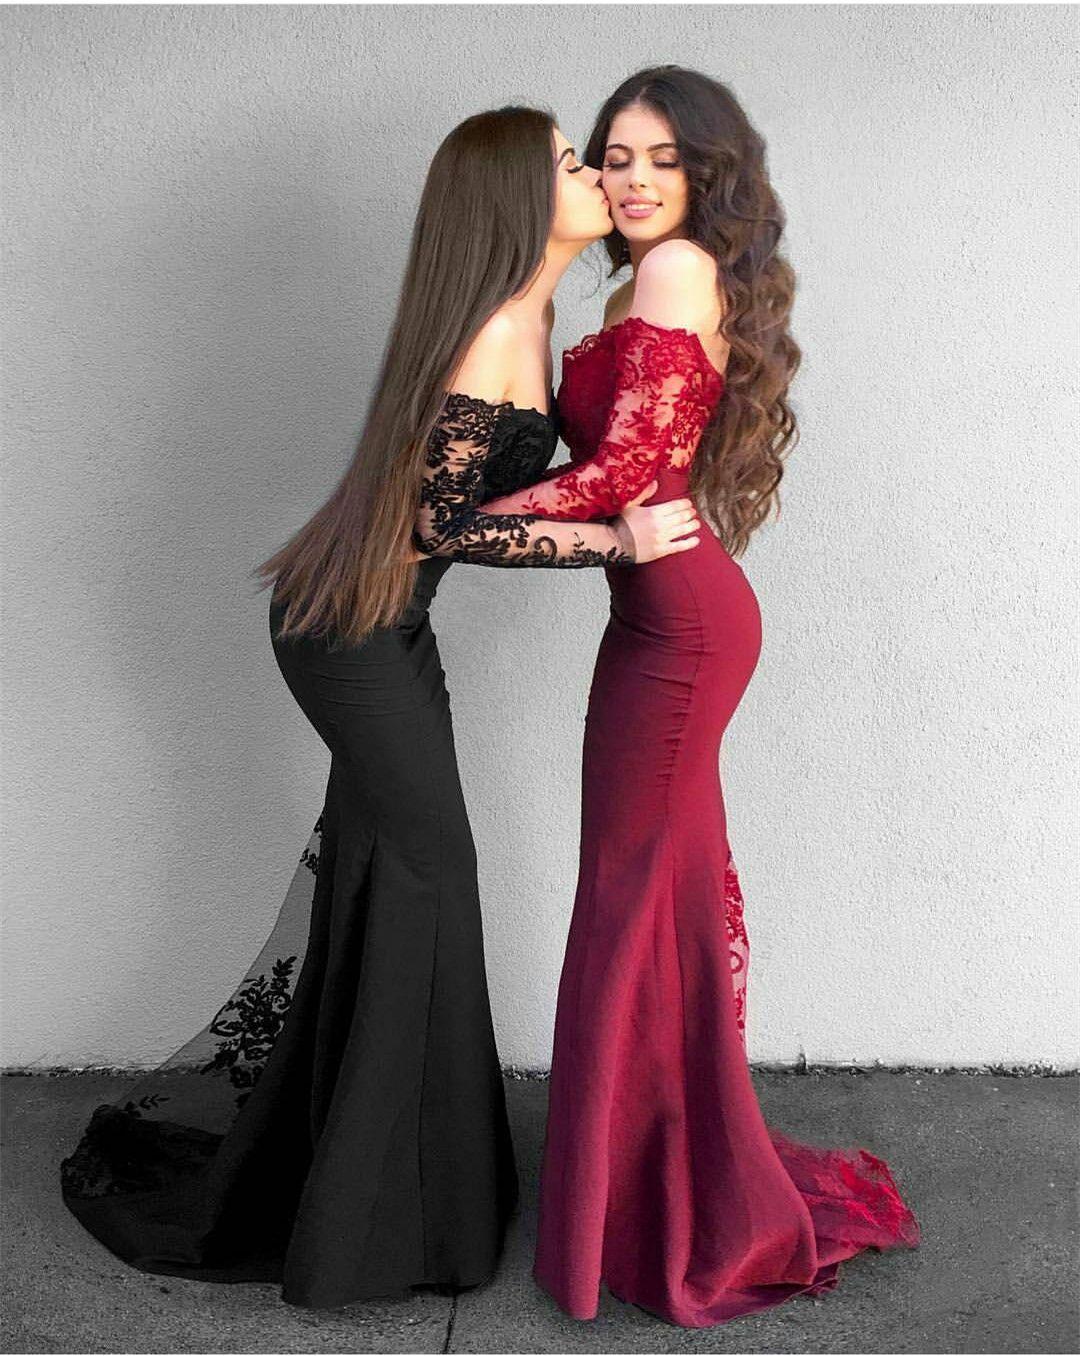 Long sleeves prom dress in dresses pinterest prom dresses